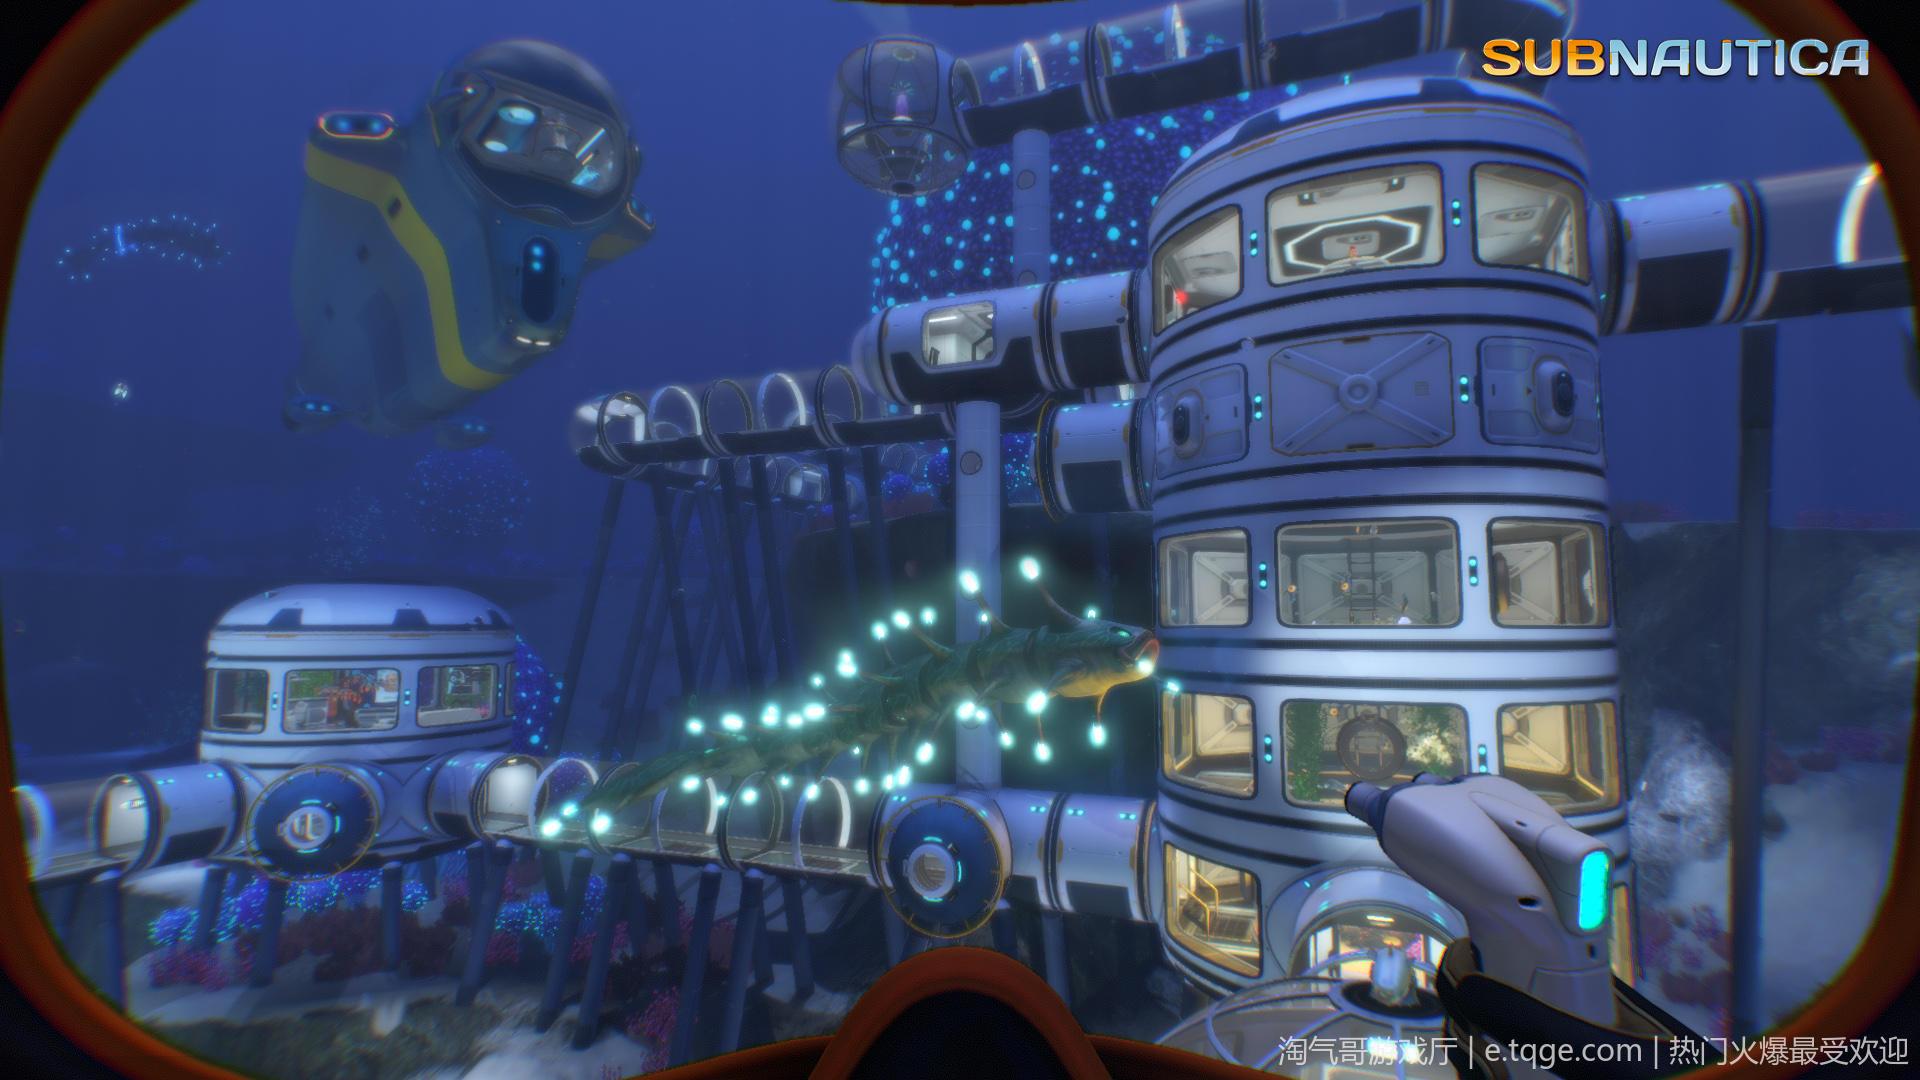 深海迷航/水下之旅/美丽水世界 动作冒险 第4张